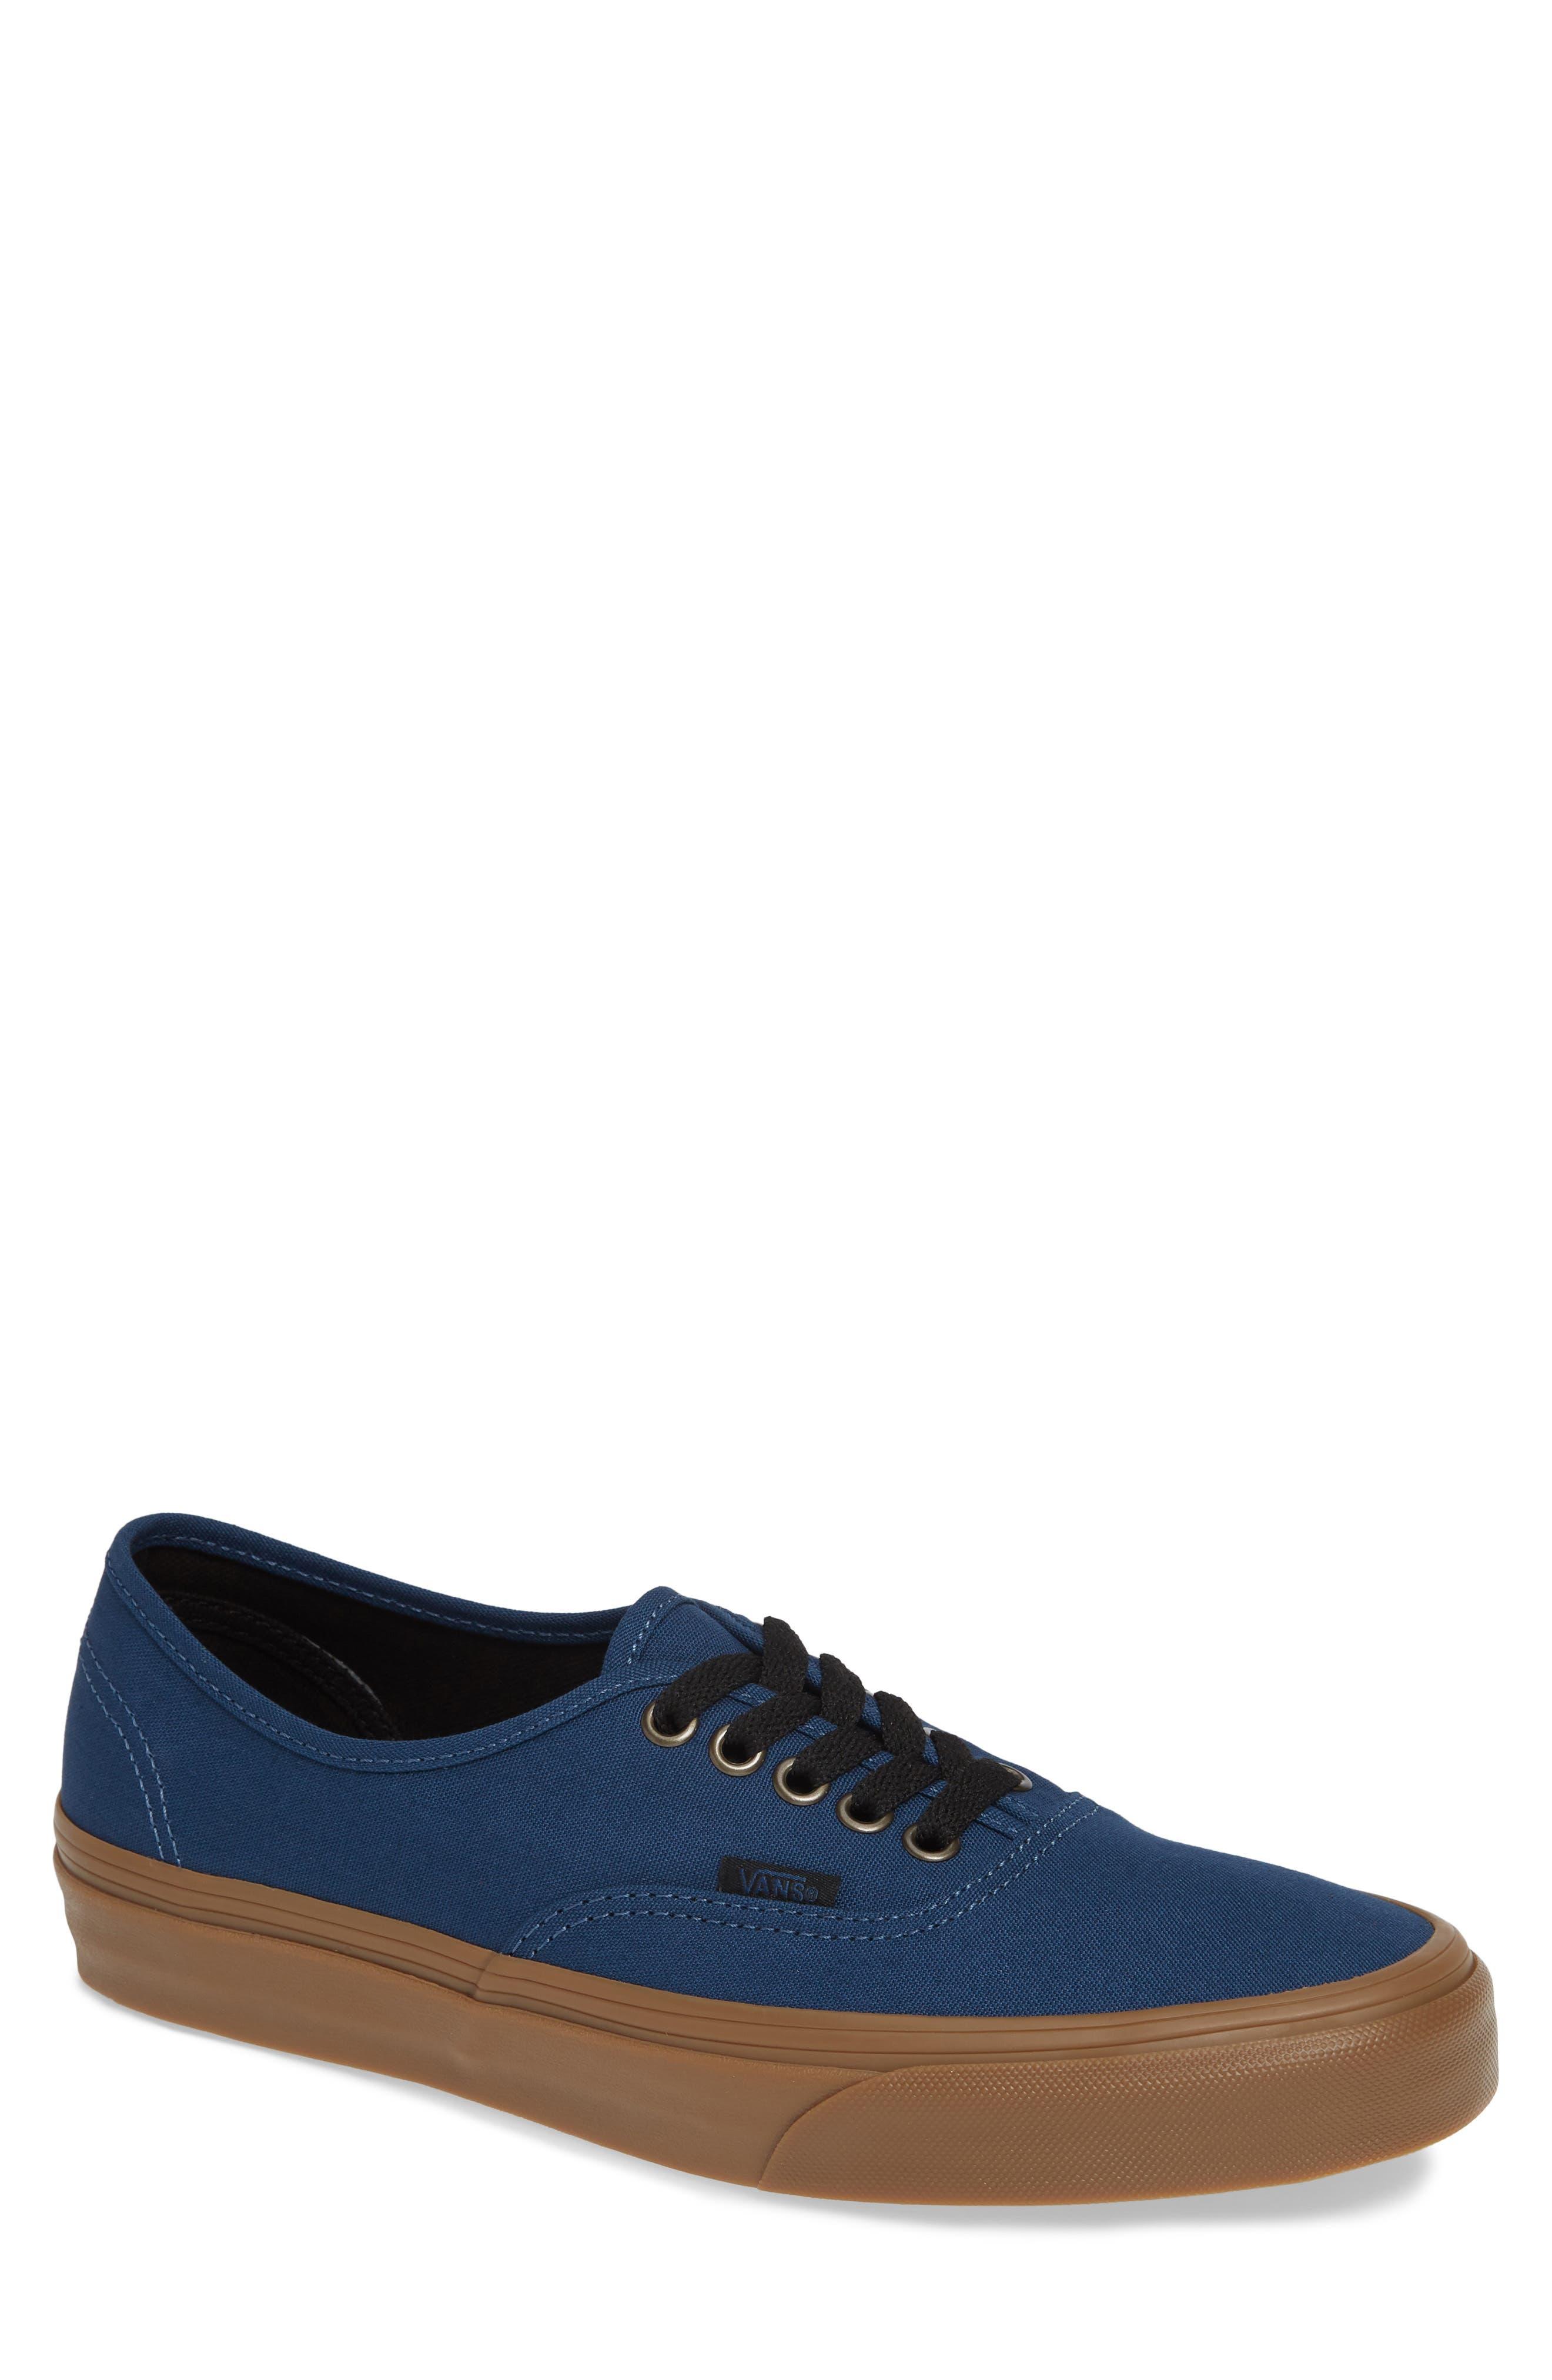 VANS Authentic Gum Outsole Sneaker, Main, color, 401